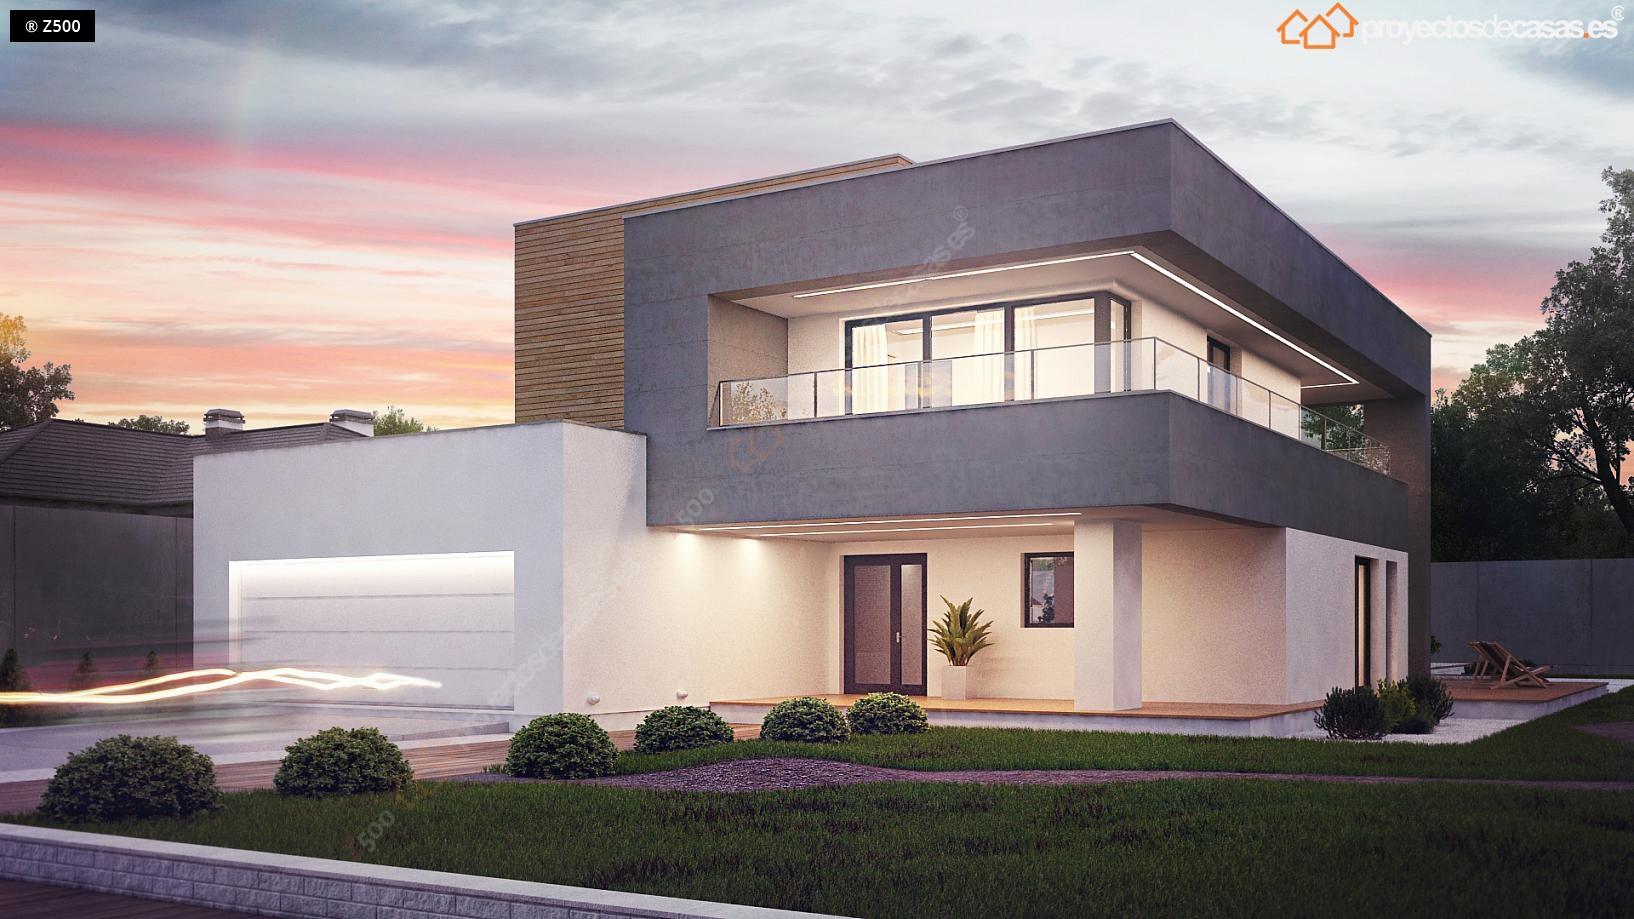 Casas modernas dise o y construcci n casa alicante for Proyectos casas modernas